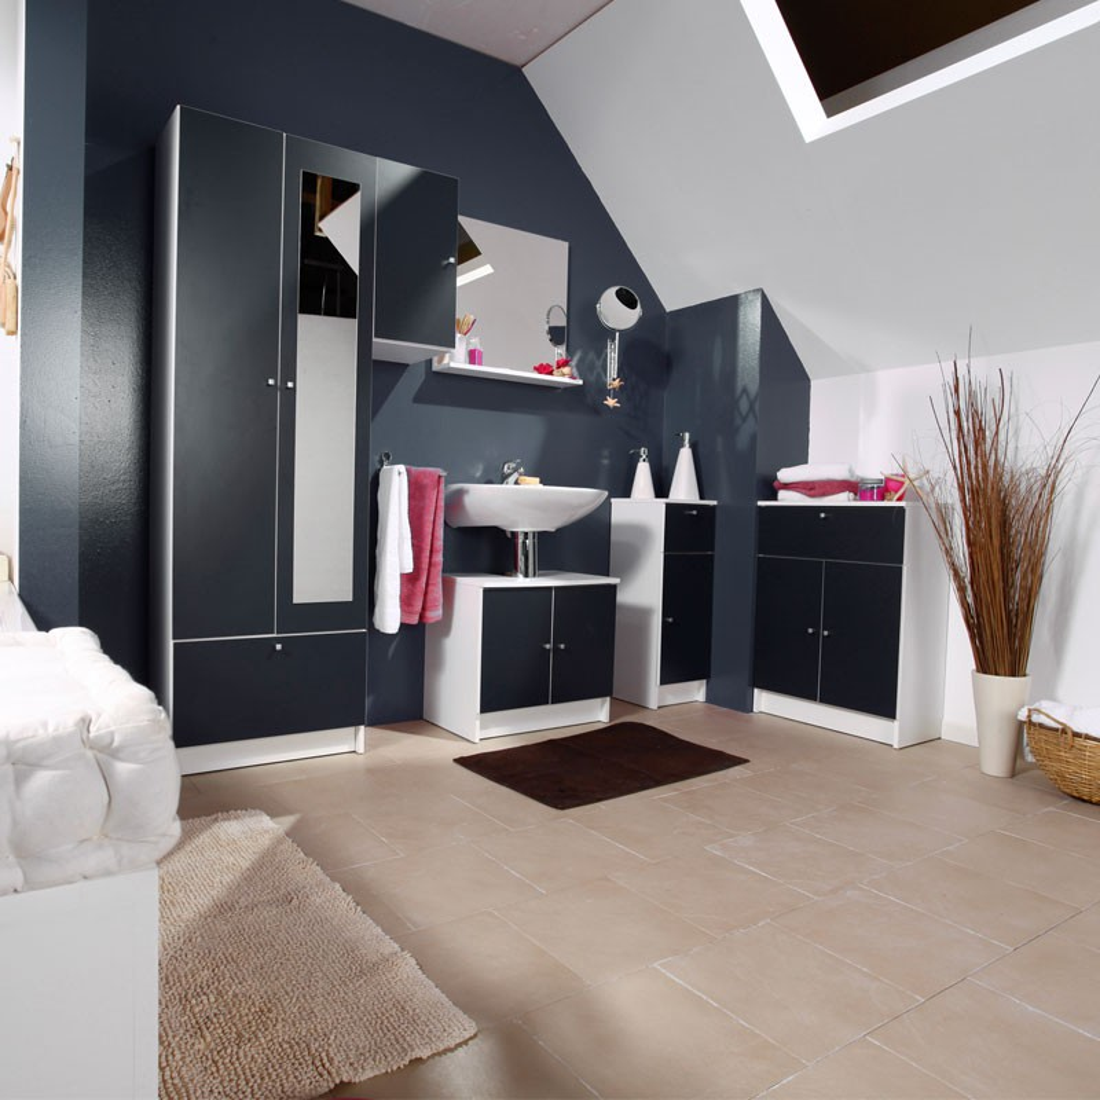 Ensemble complet meubles salle de bain blanc clic n 2 salle de bain - Meuble salle de bain complet ...